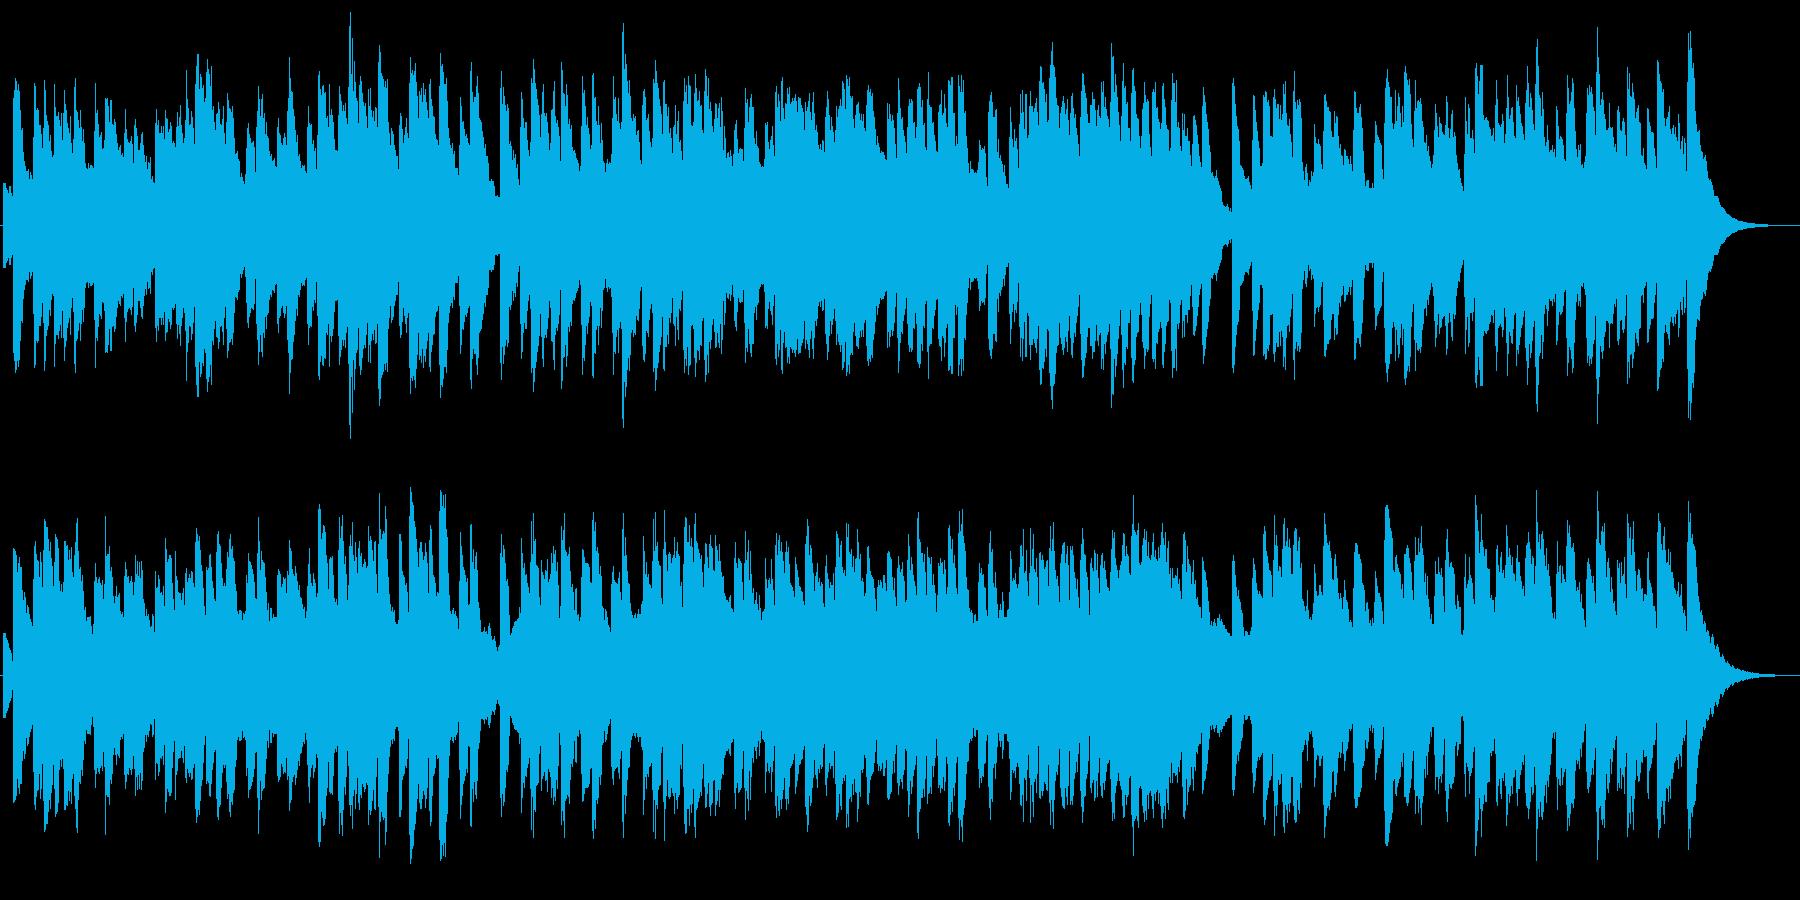 オルゴールで讃美歌。キラキラした感じの再生済みの波形